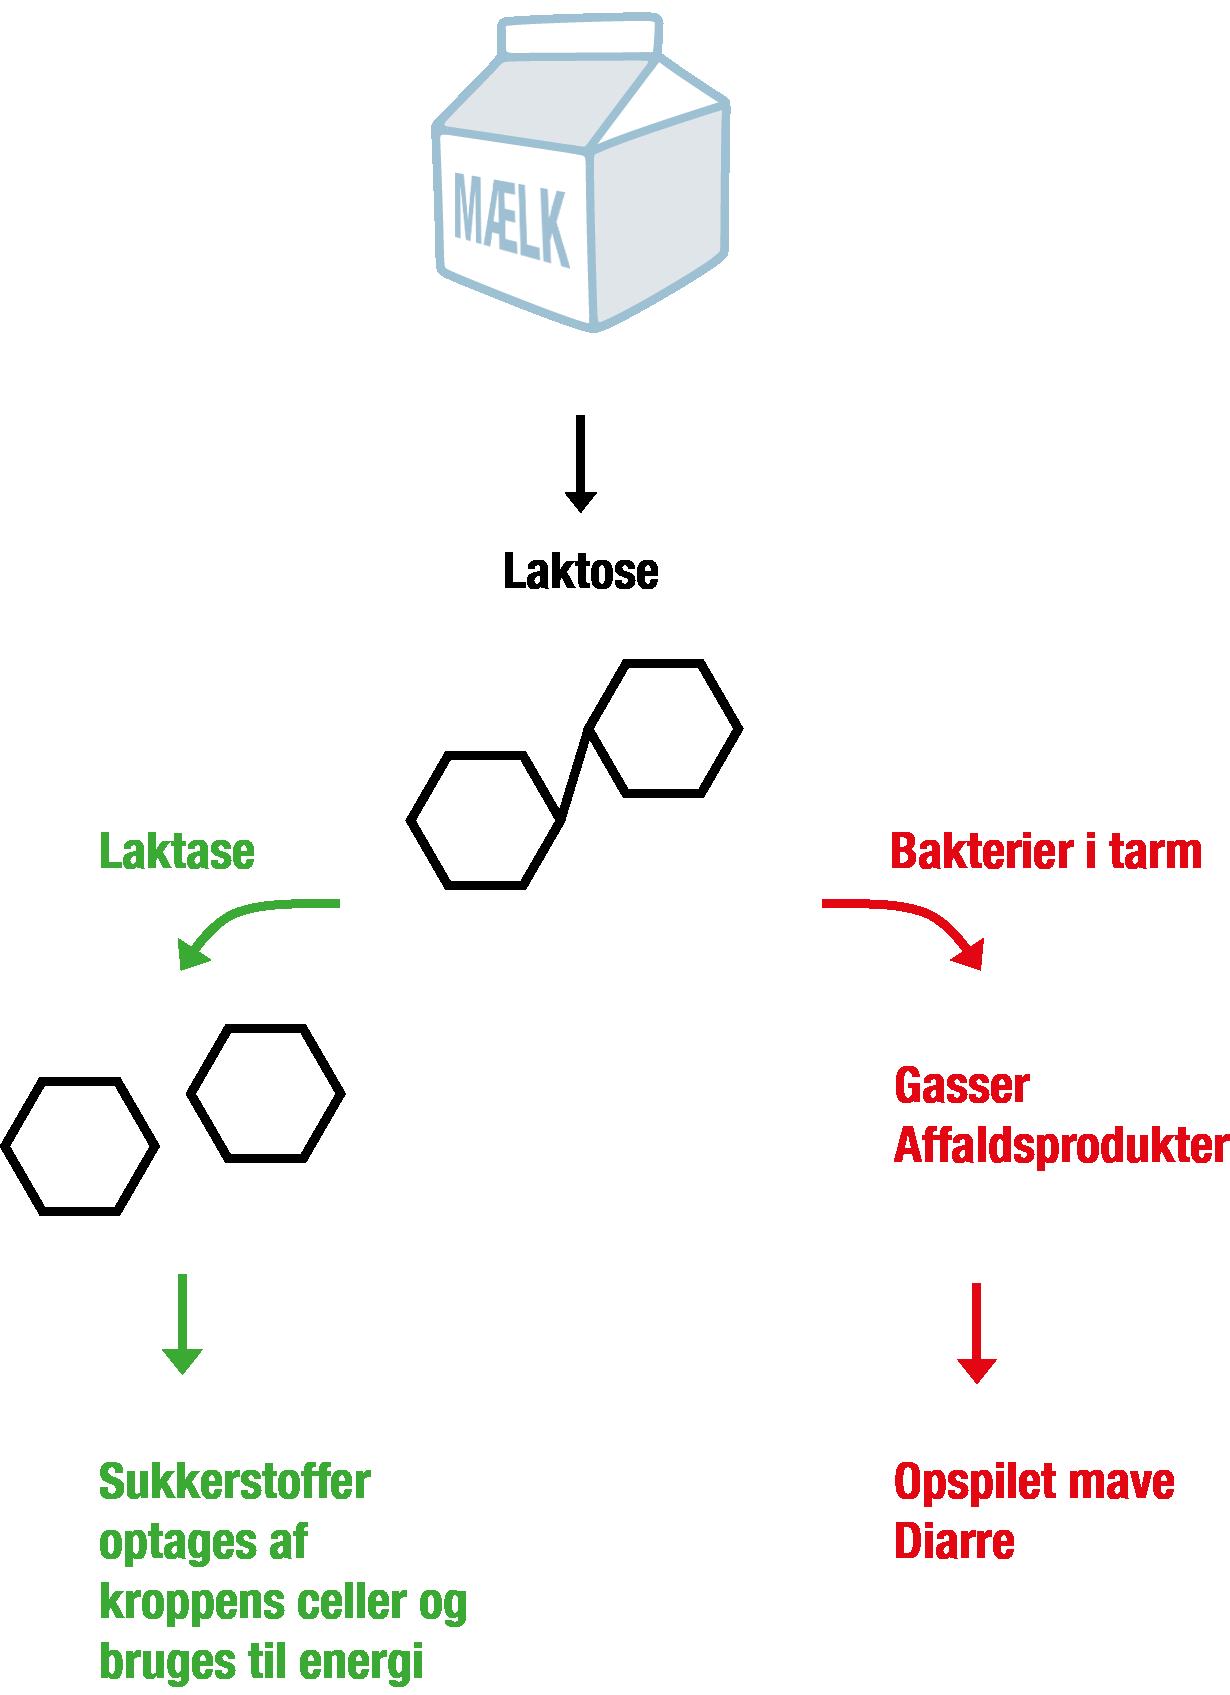 enzym i kroppen